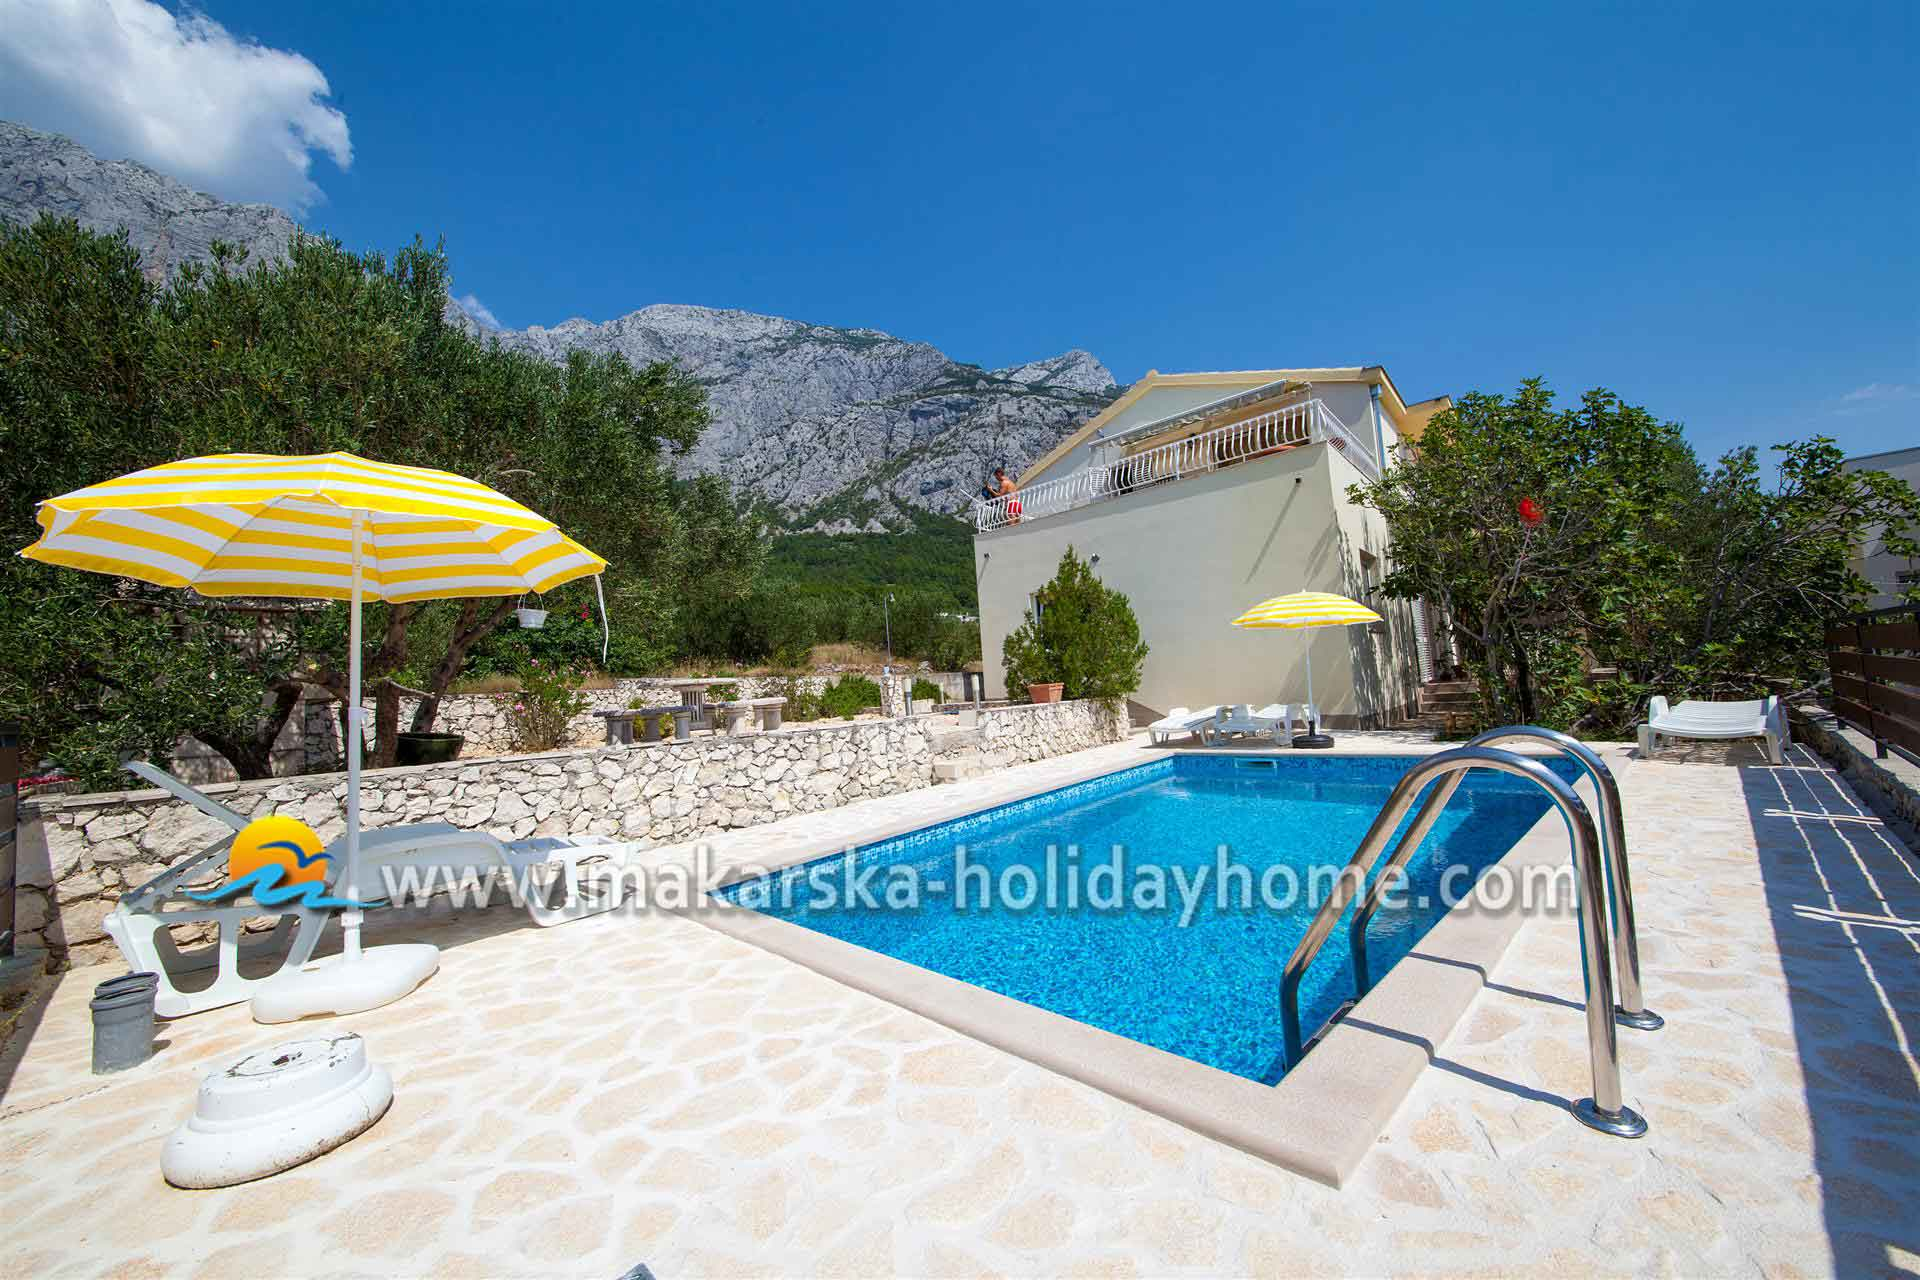 Ferienhaus kroatien mit pool und hund makarska for Ferienhaus mit pool